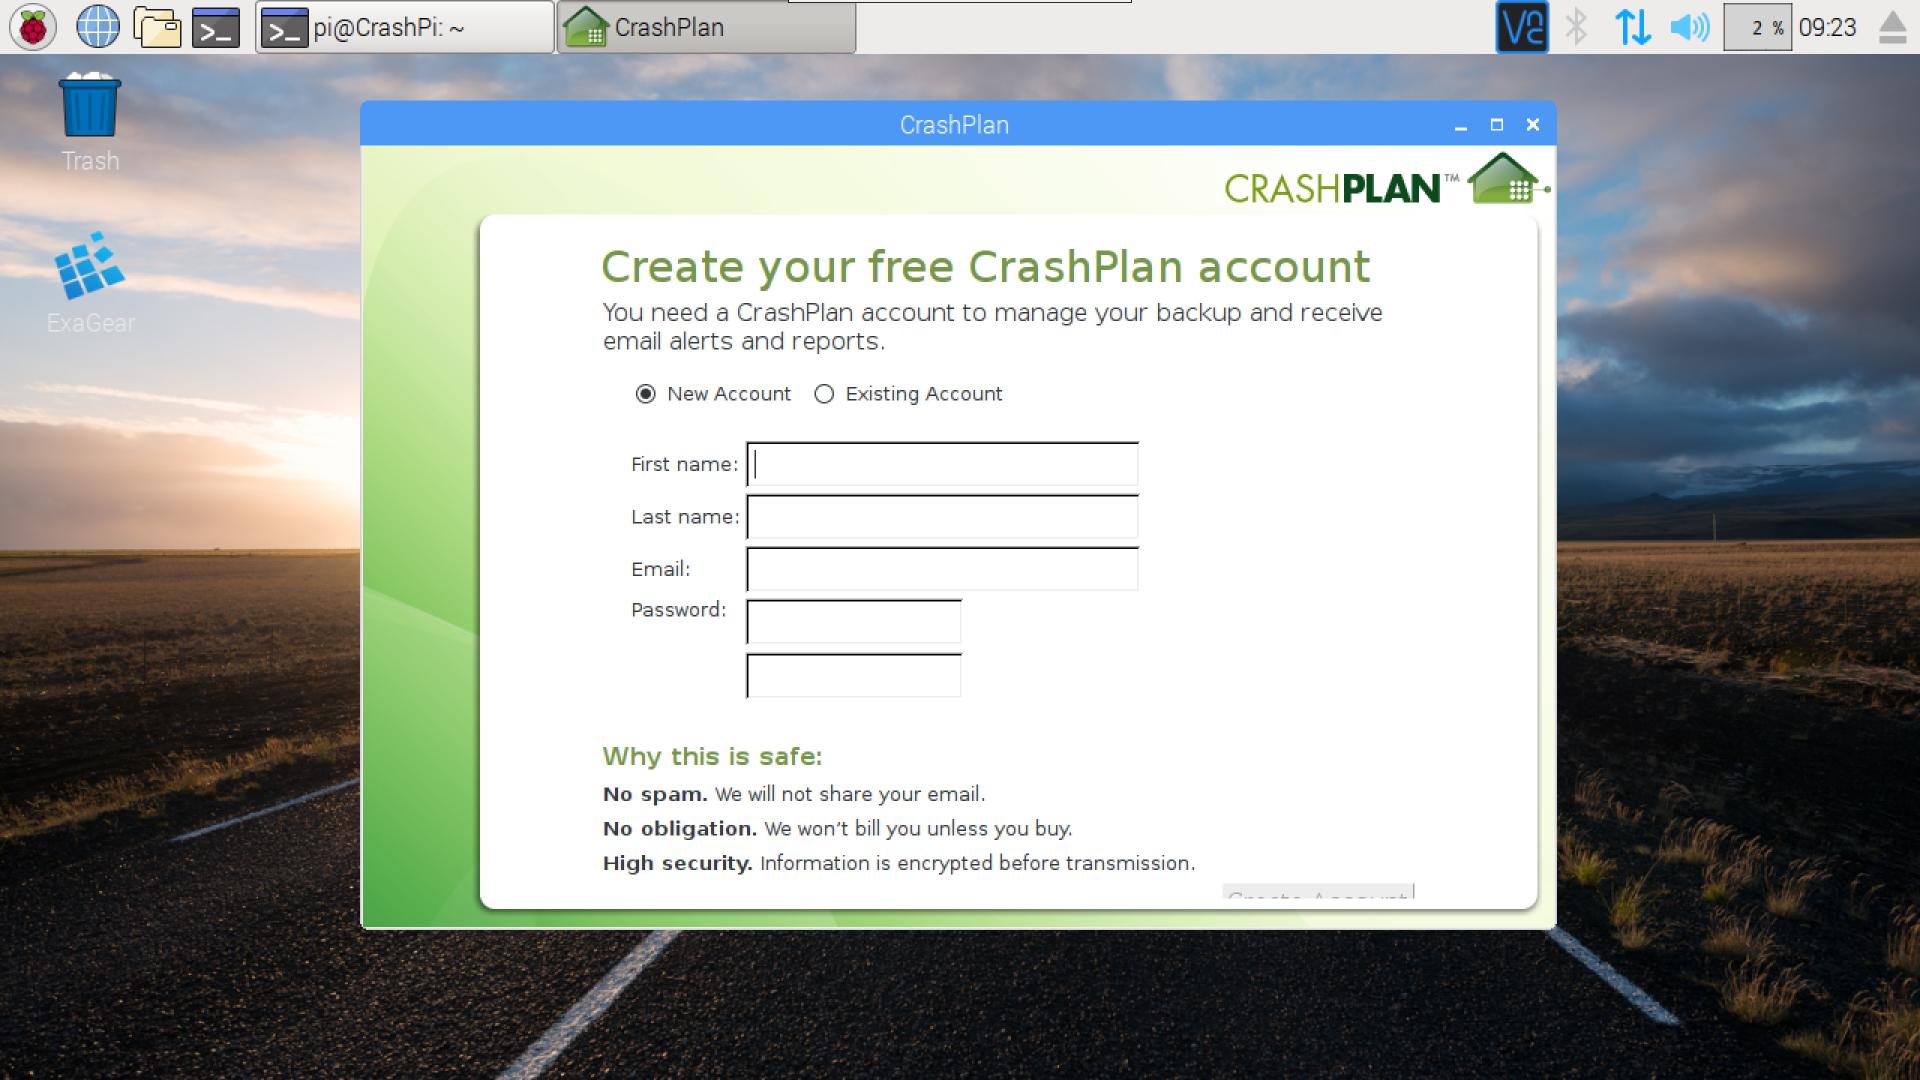 CrashPlanSignUp.PNG